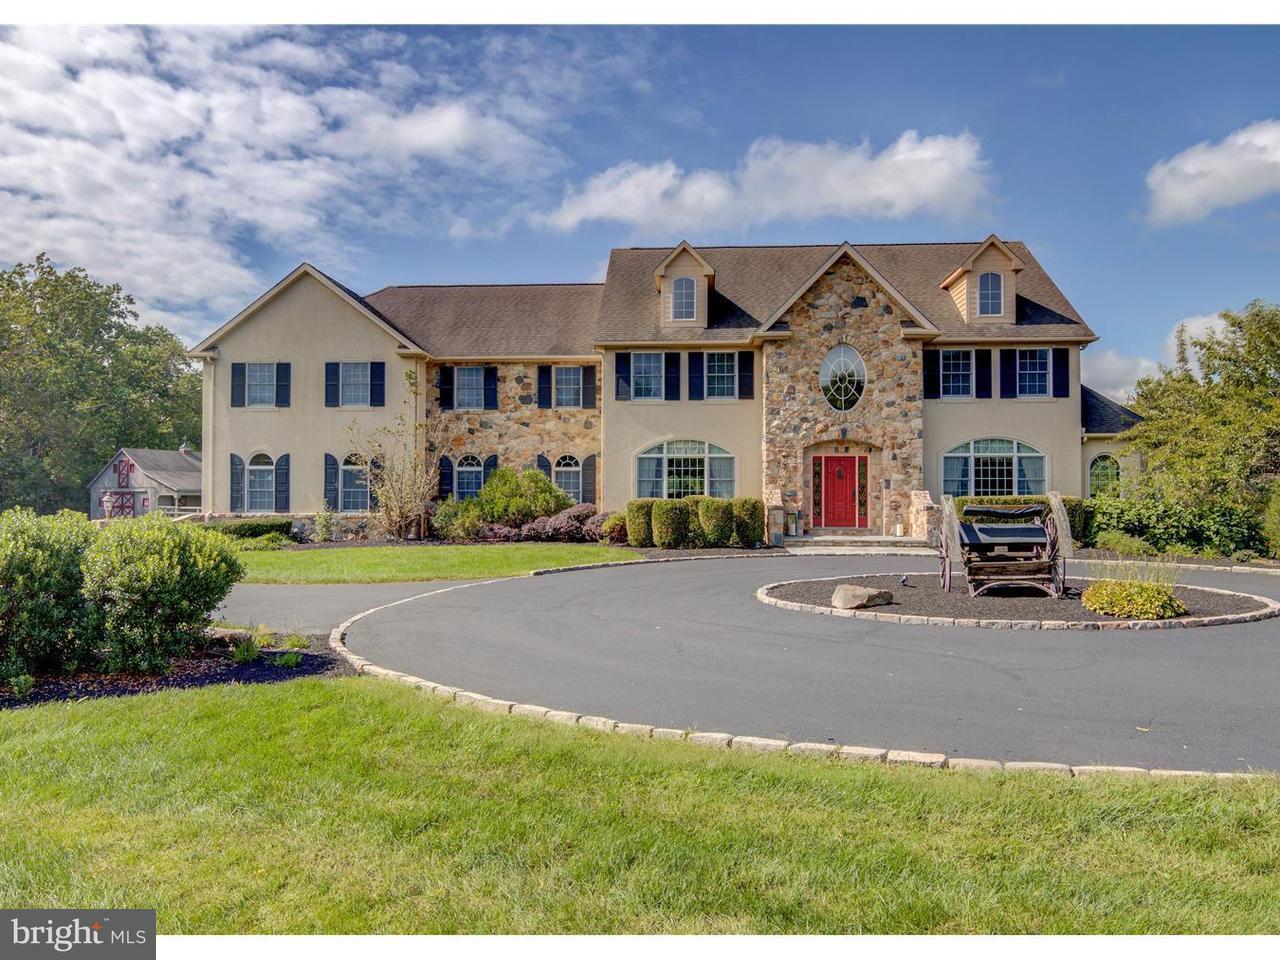 Maison unifamiliale pour l Vente à 104 SAWMILL Road Landenberg, Pennsylvanie 19350 États-Unis